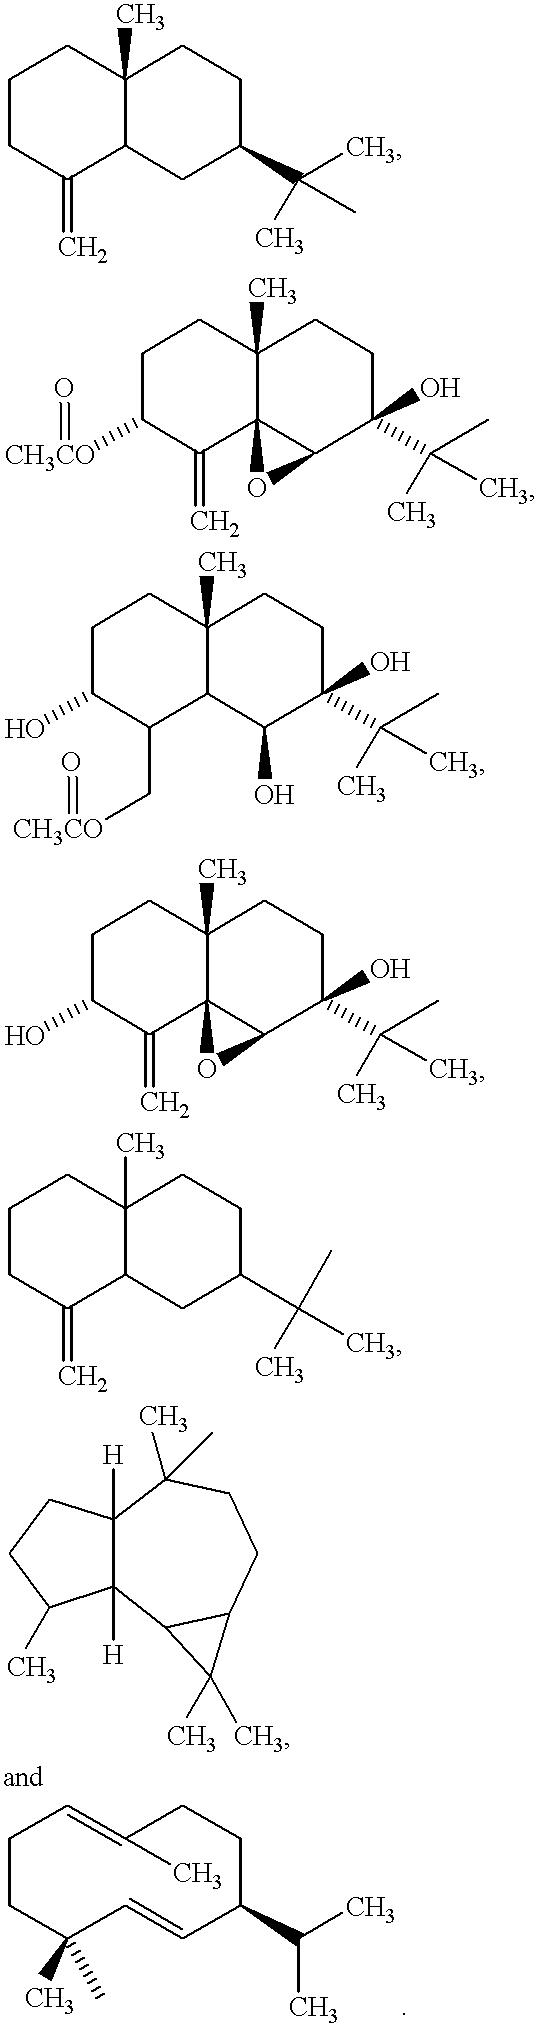 Figure US06225342-20010501-C00034